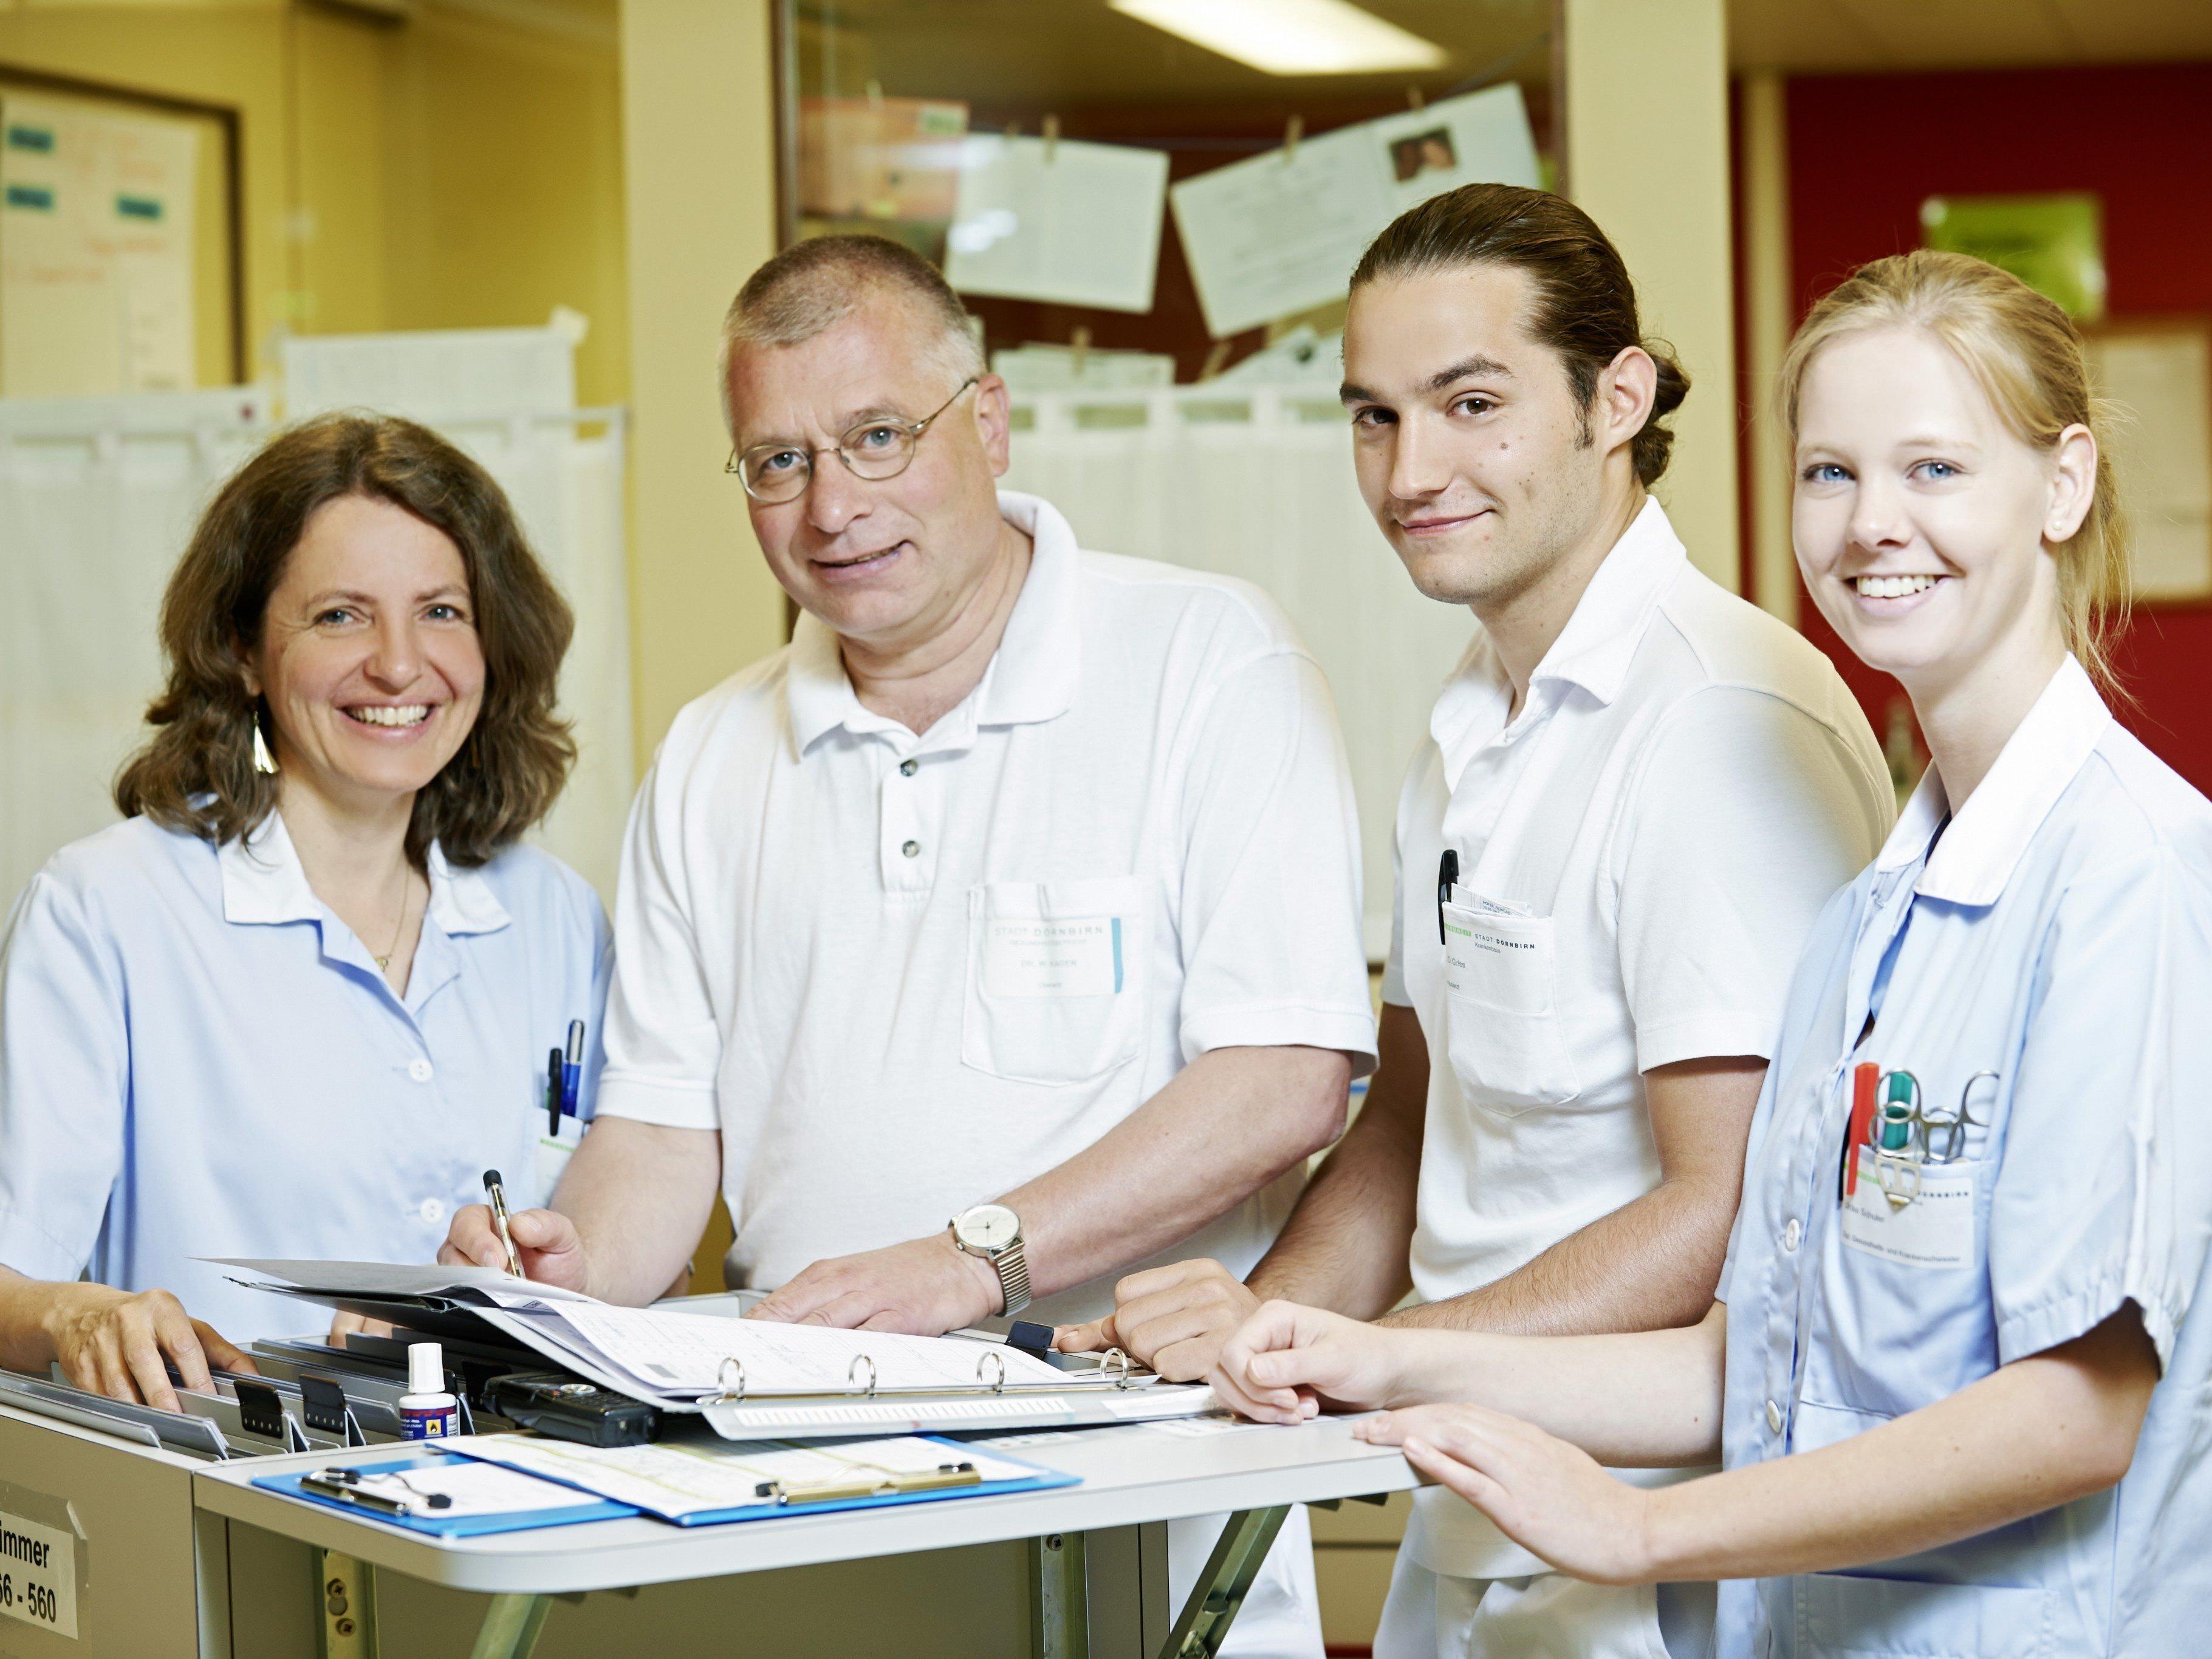 Wie zufrieden sind Sie mit dem Service des Dornbirner Krankenhauses?